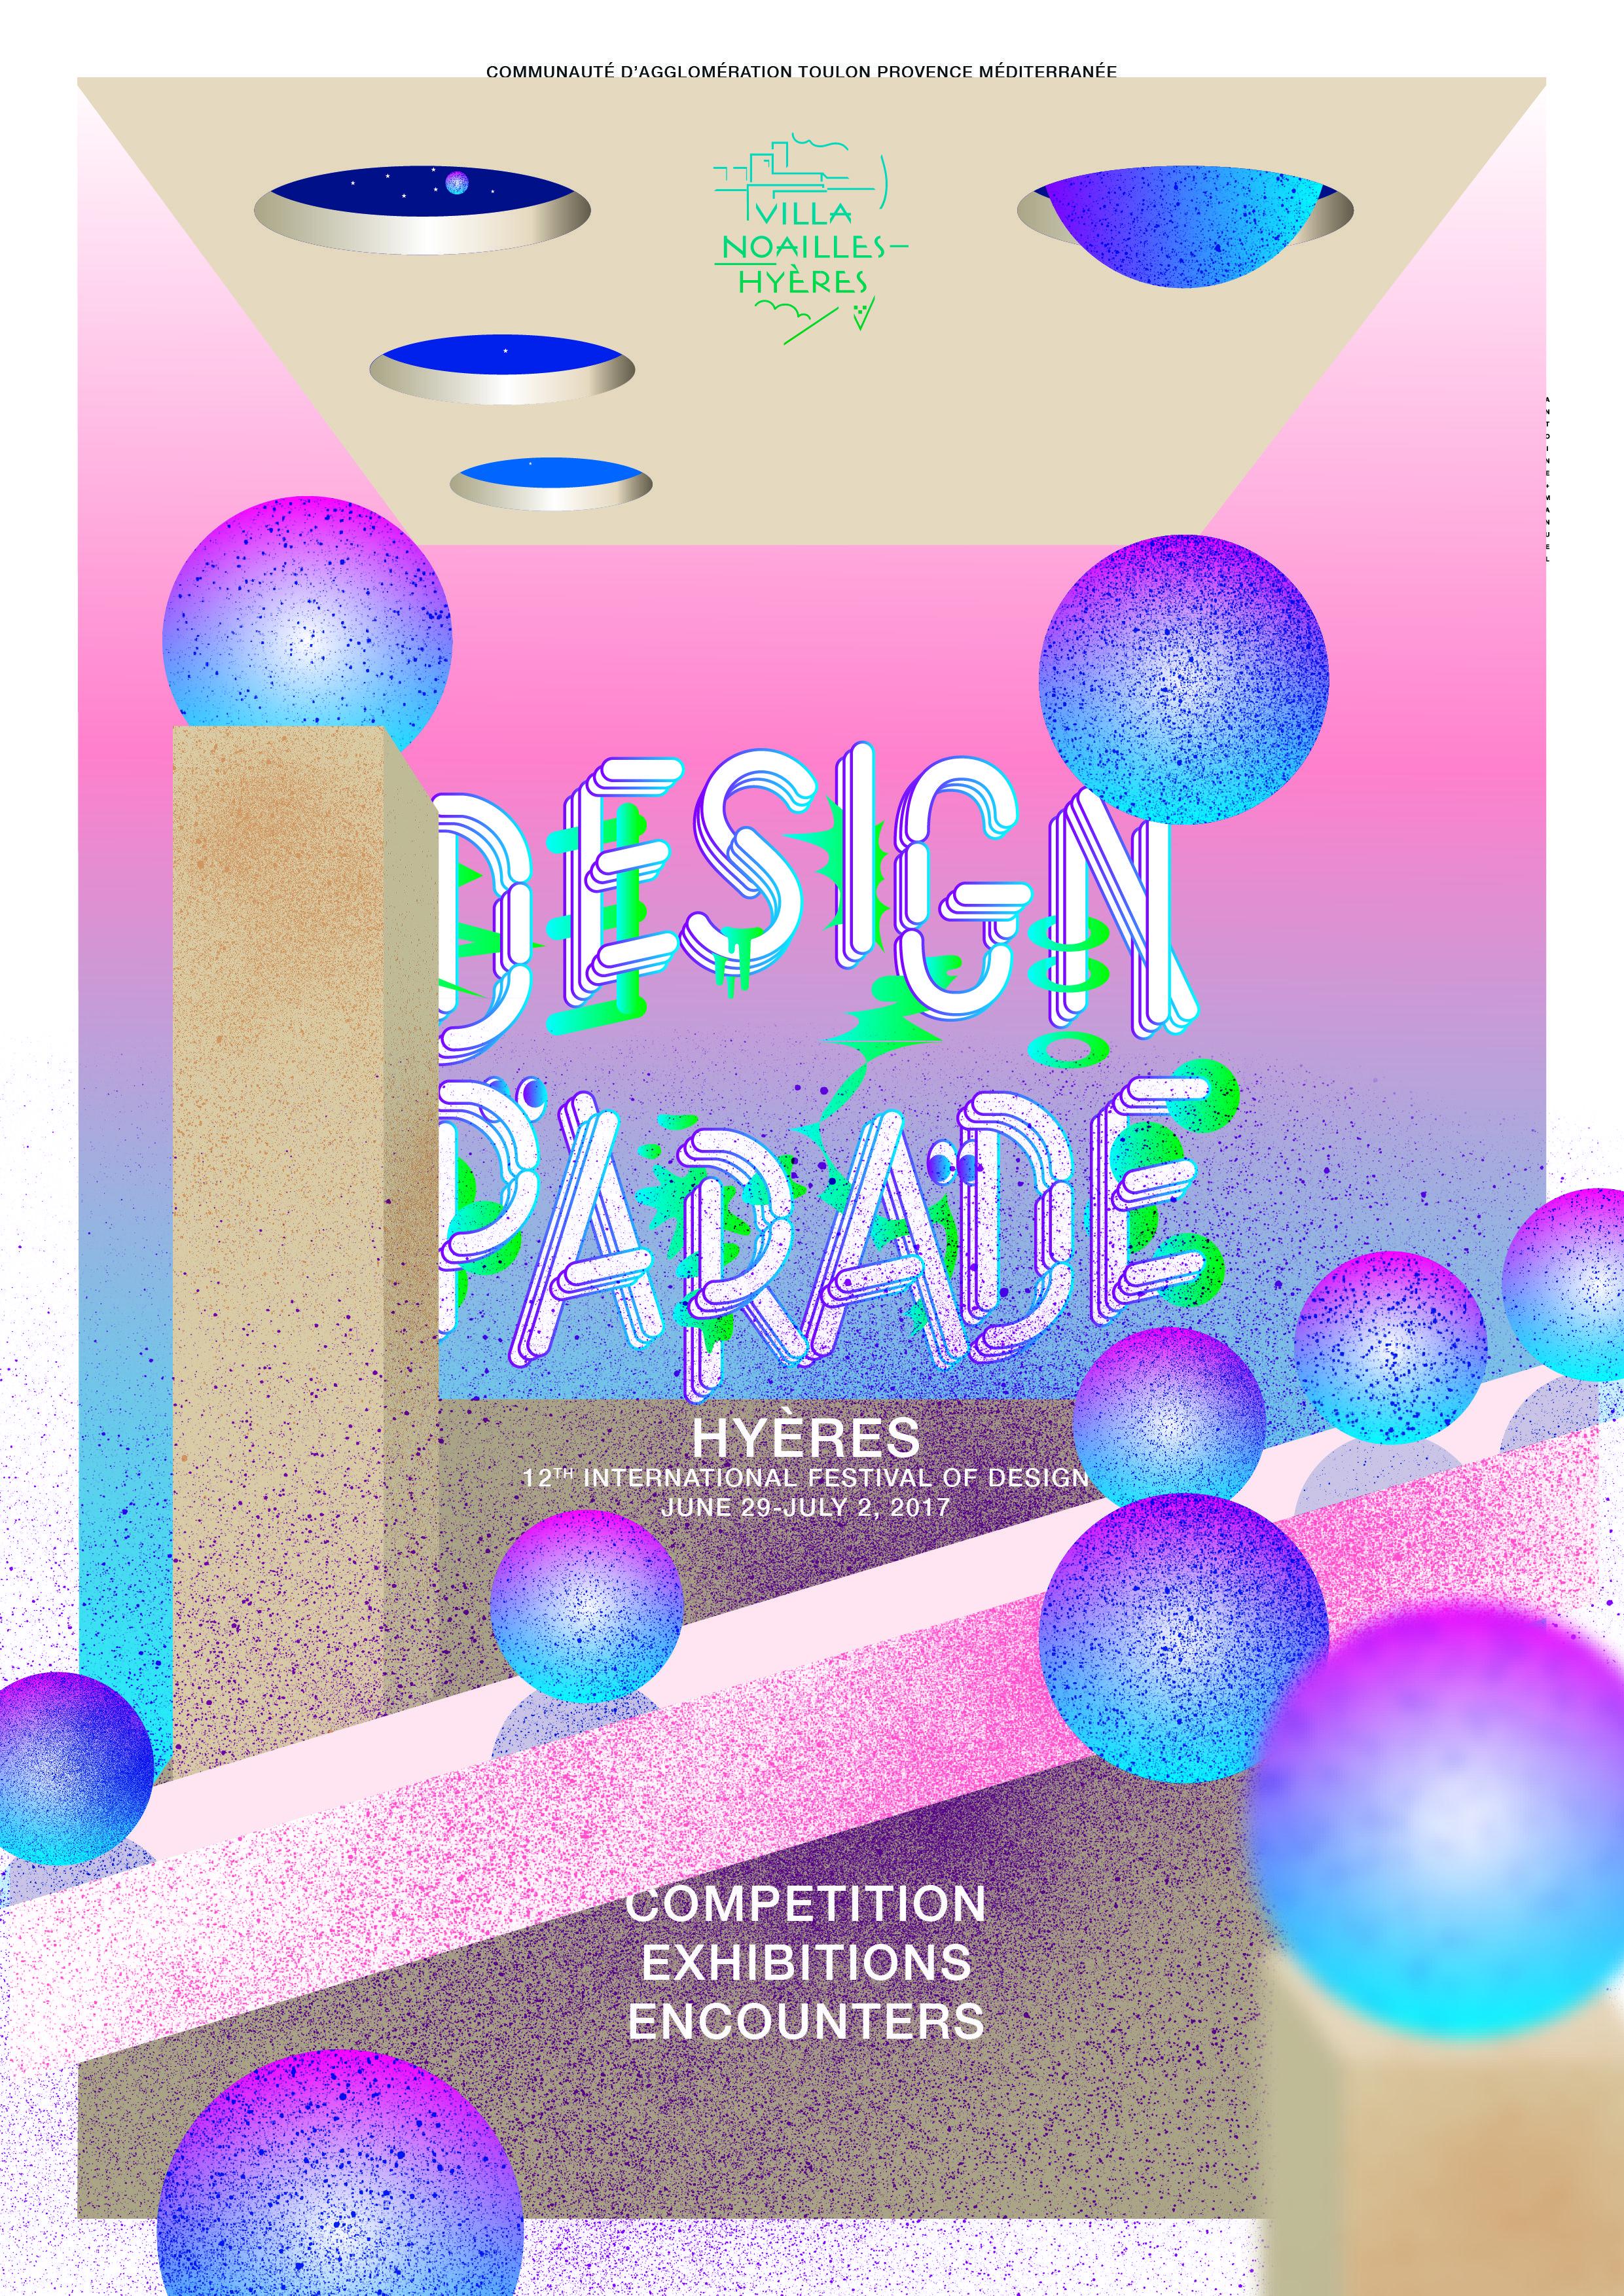 Design Parade - Hyères | Design, Graphisme, Hyères